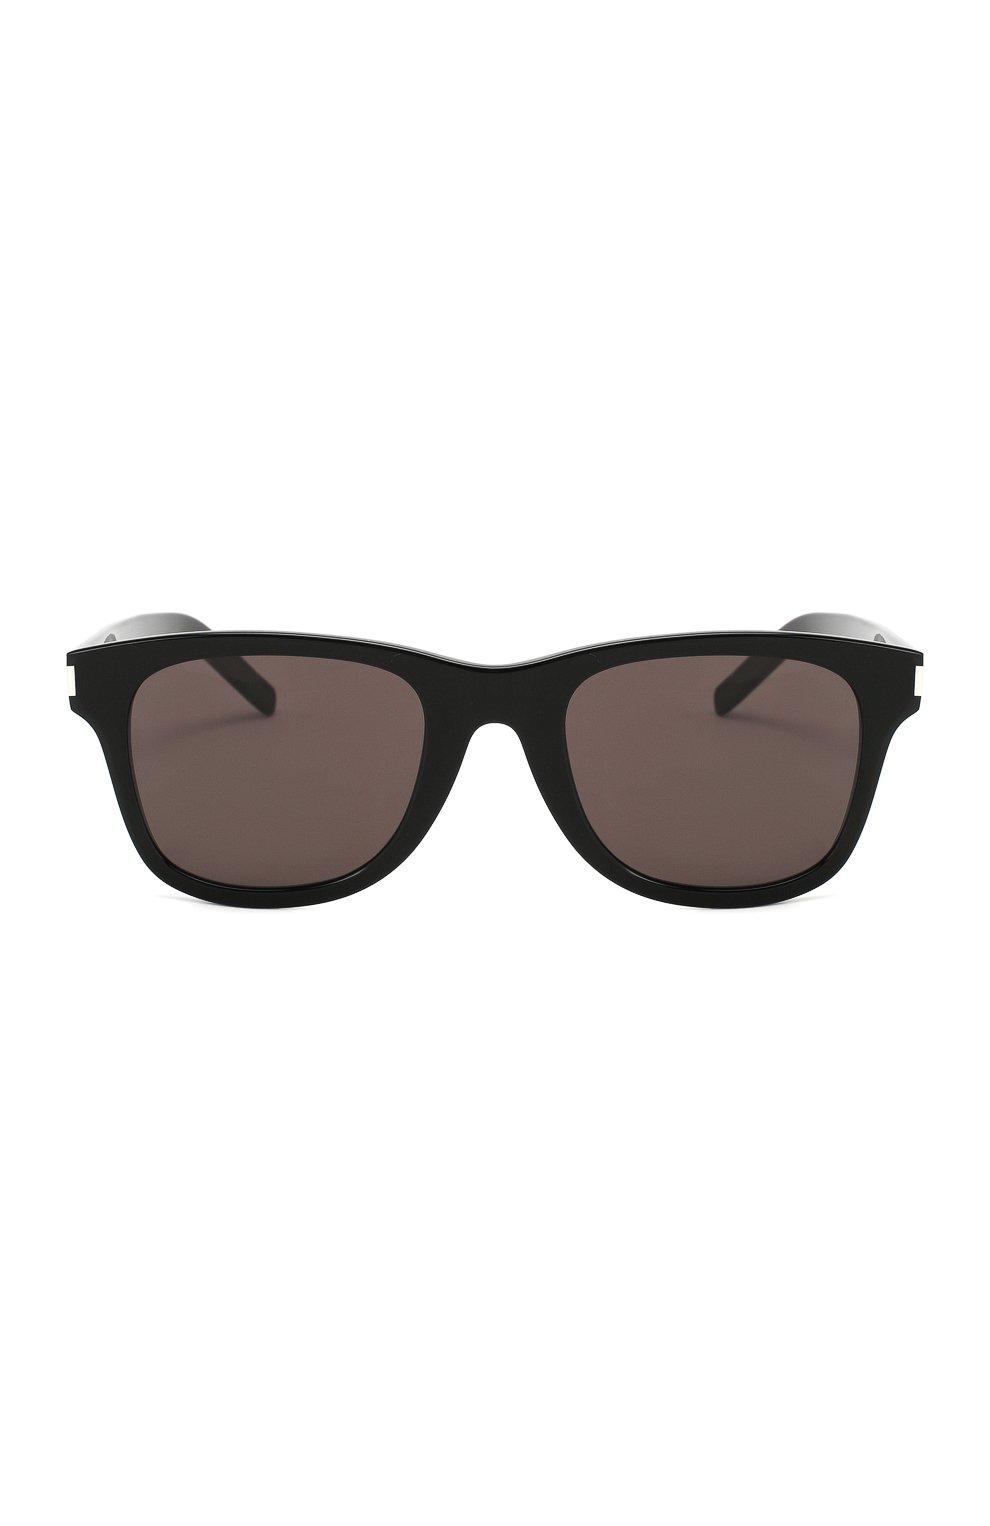 Женские солнцезащитные очки SAINT LAURENT коричневого цвета, арт. SL 51-B SLIM 001   Фото 4